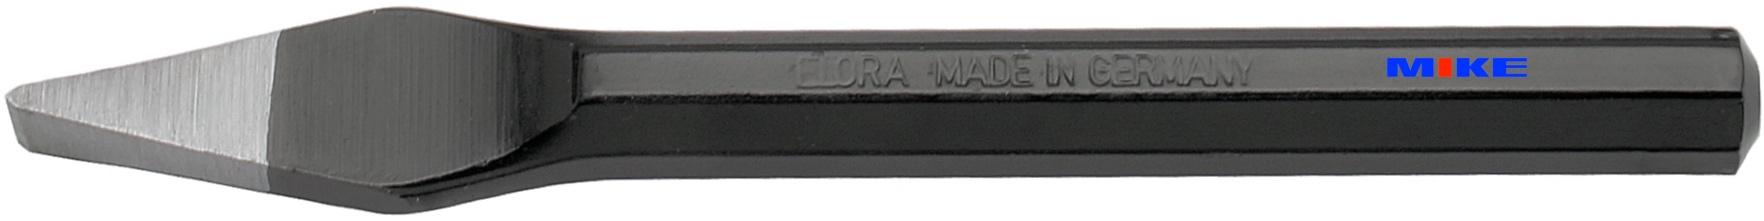 Đục tam giác thân bát giác ELORA 263 Series